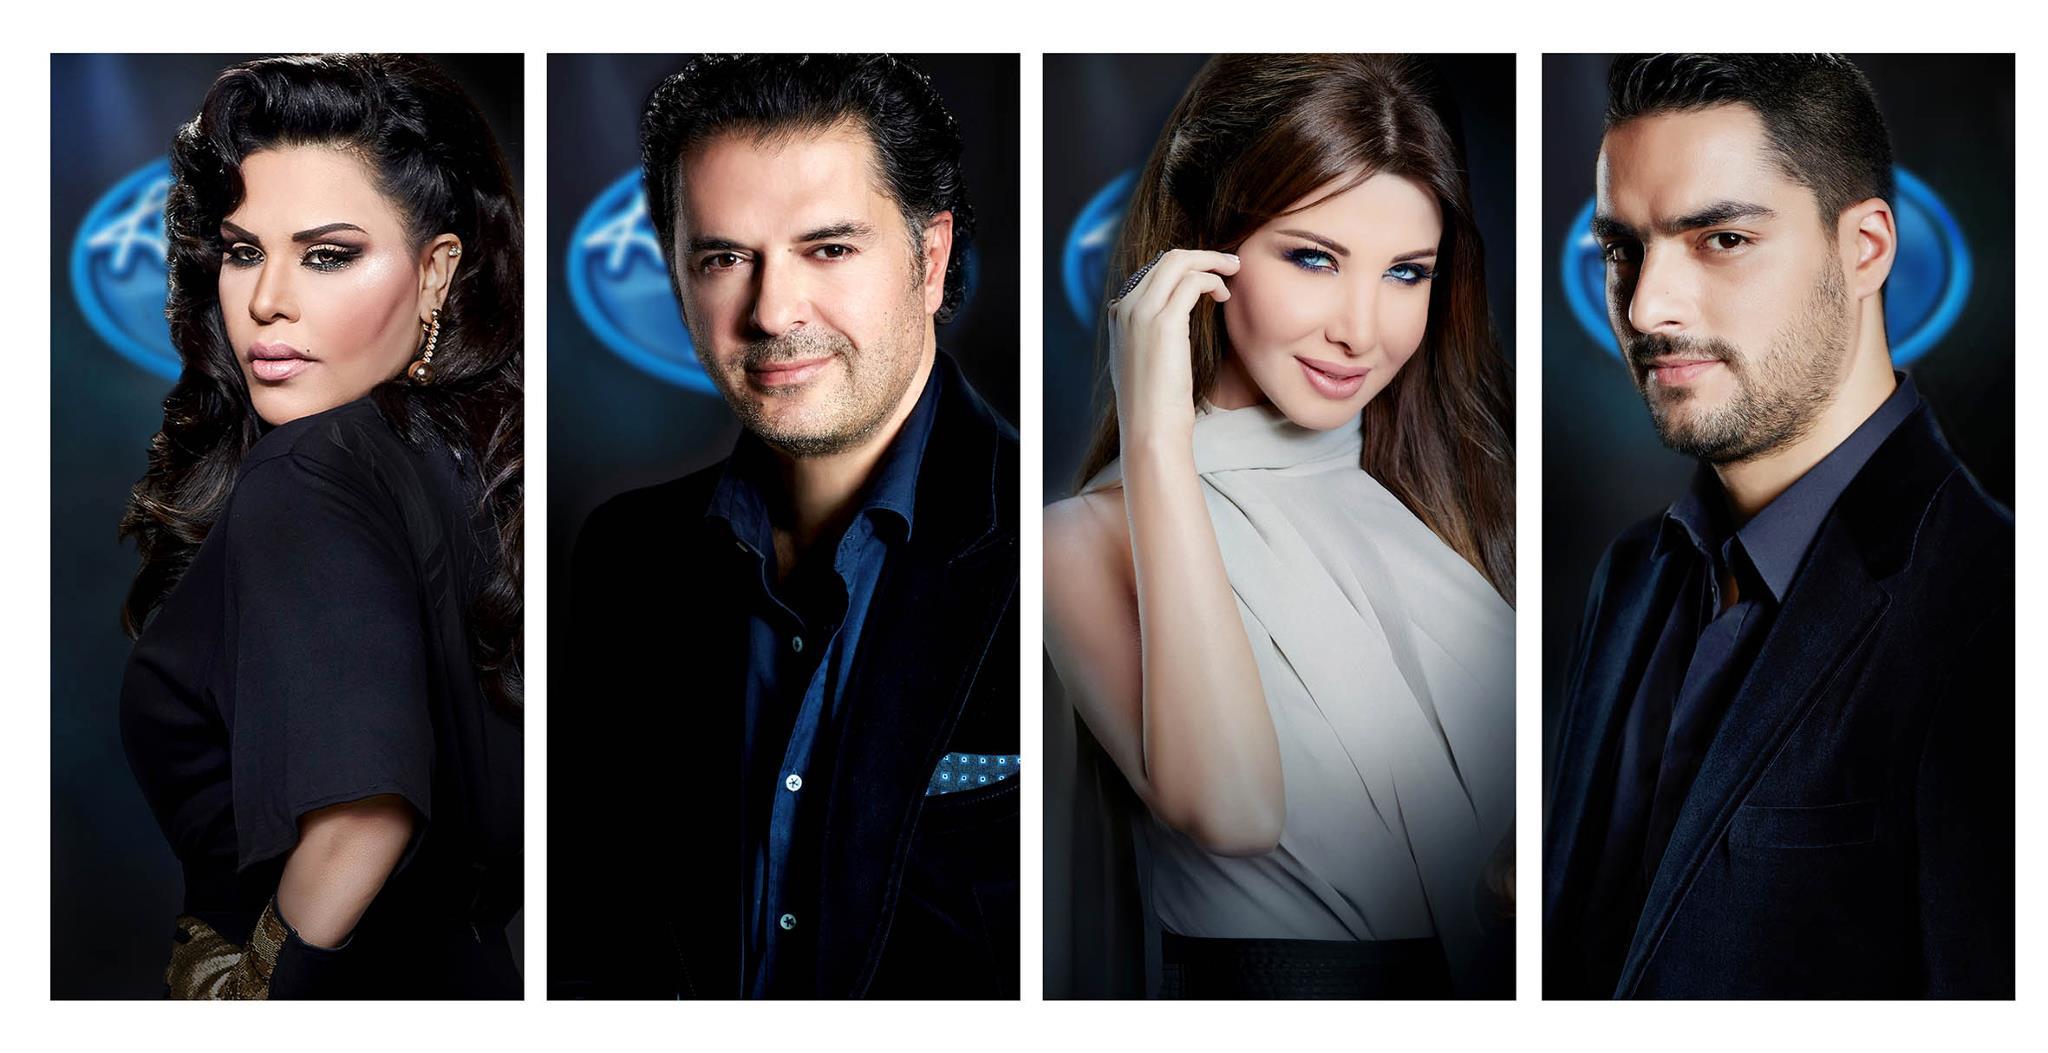 دانلود سری جدید برنامه ی عرب ایدول قسمت 15 نانسی عجرم Nancy Ajram